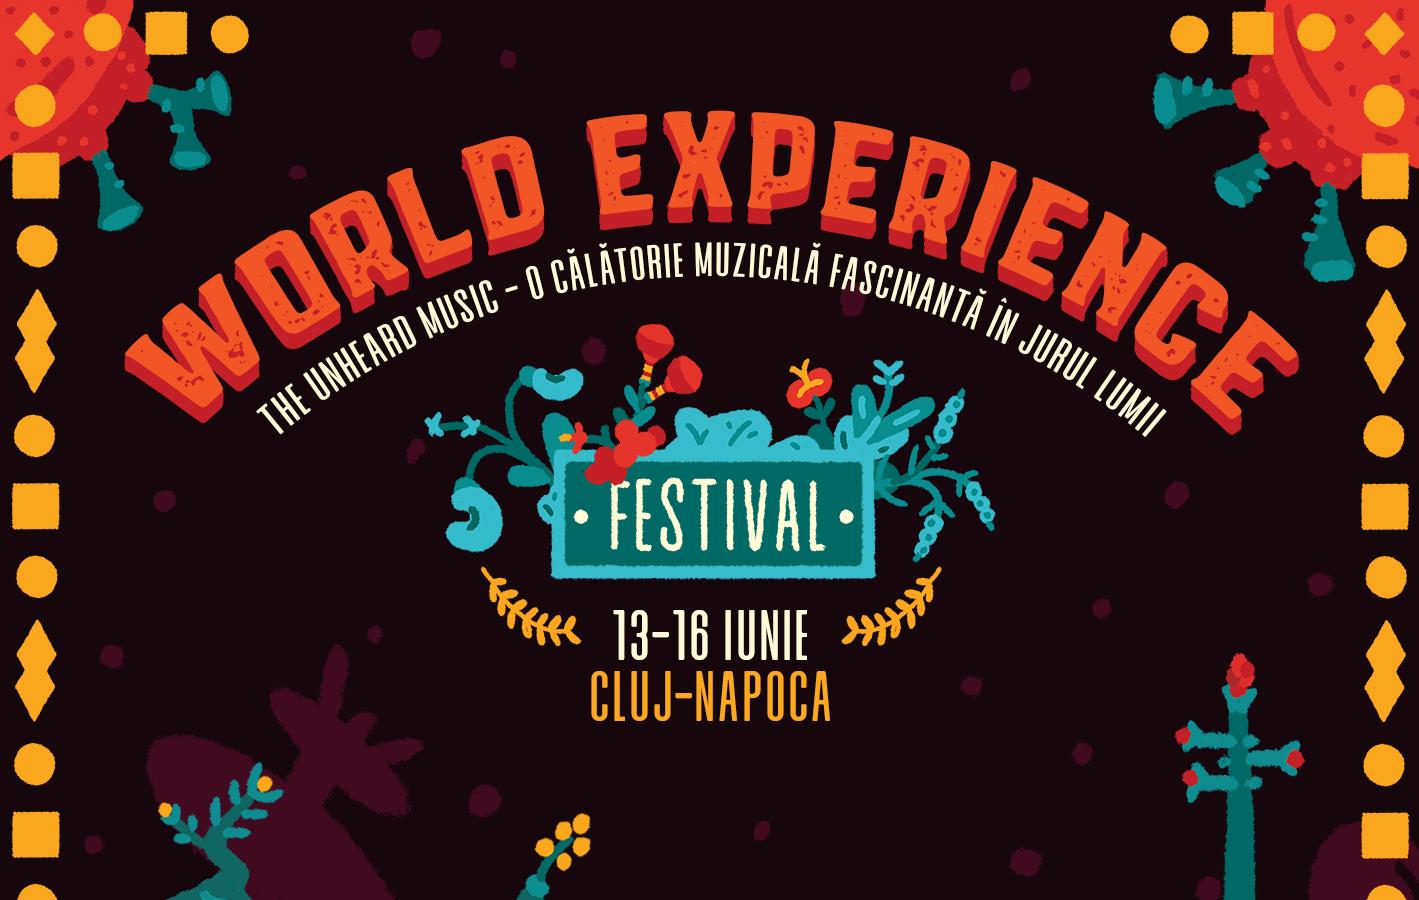 Muzica neștiută a lumii pe care o vei descoperi la World Experience Festival